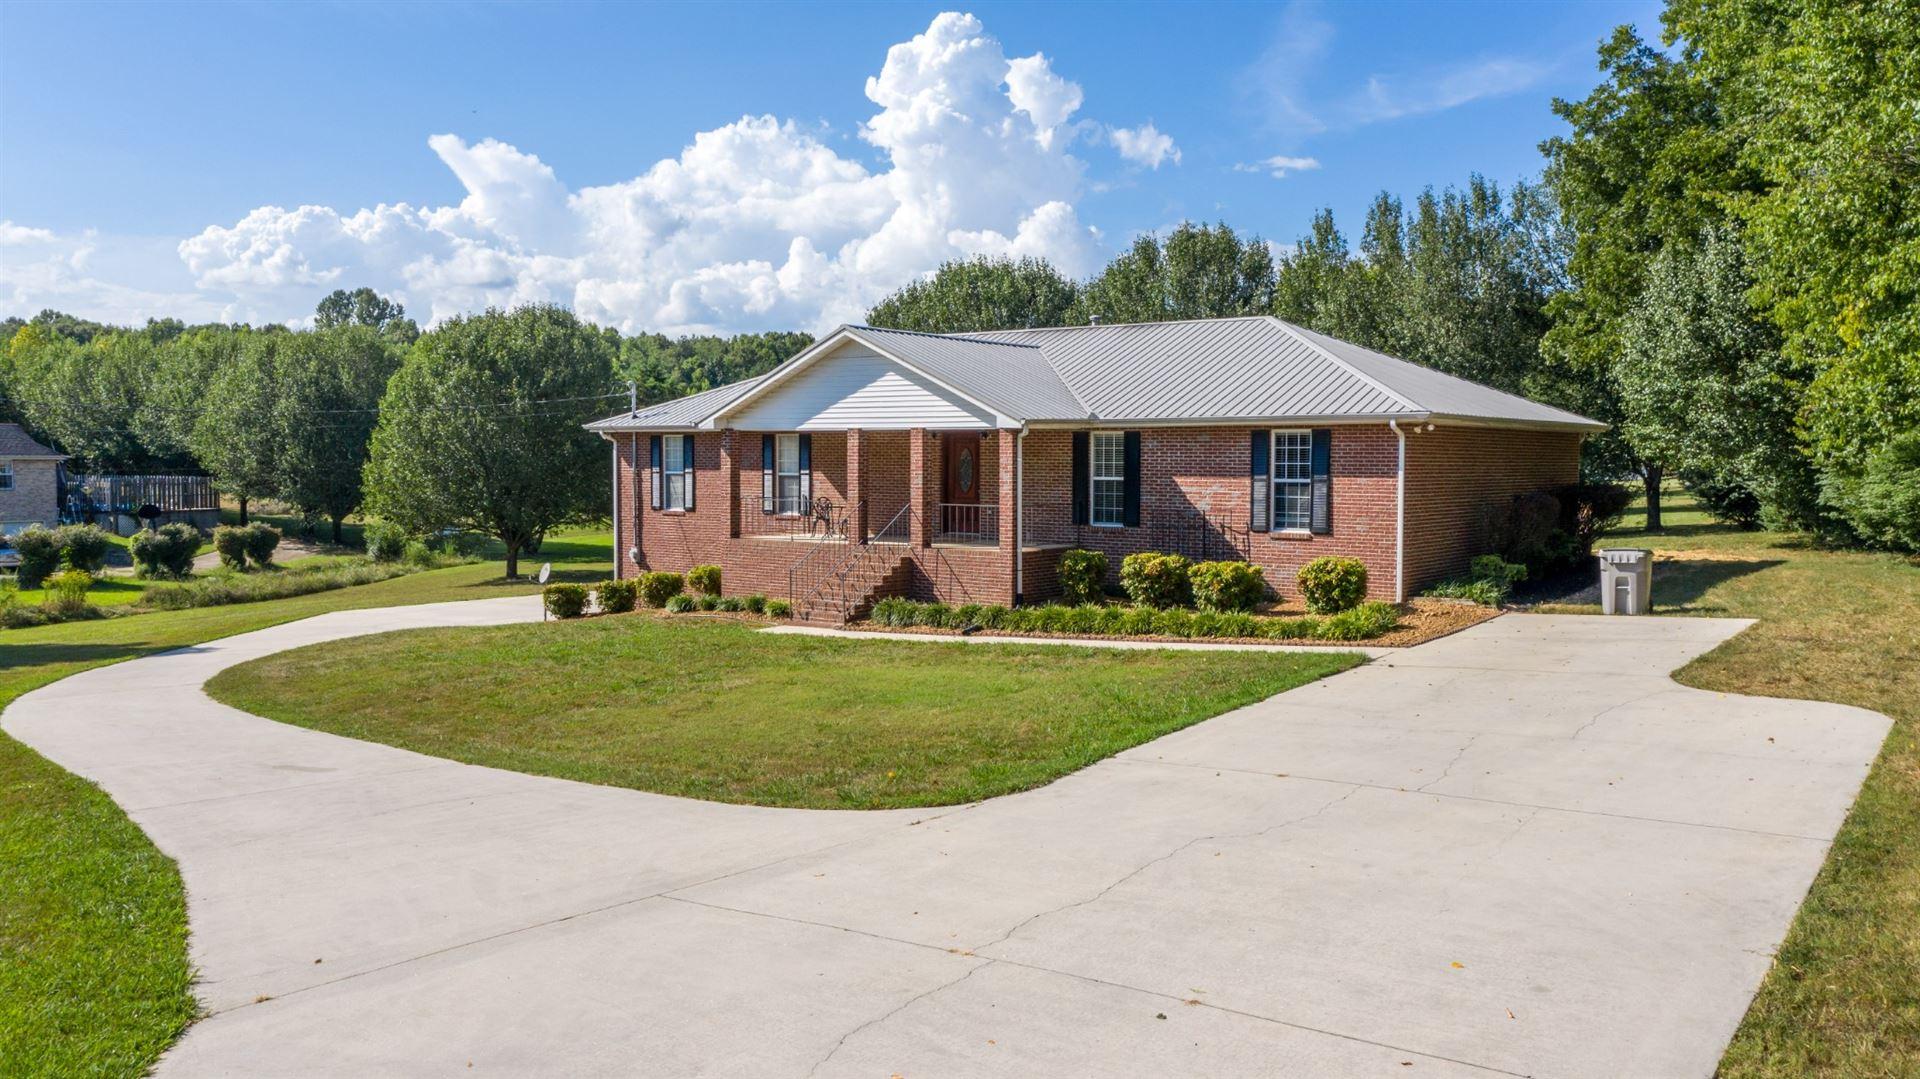 1286 Rock Creek Rd, Estill Springs, TN 37330 - MLS#: 2180060